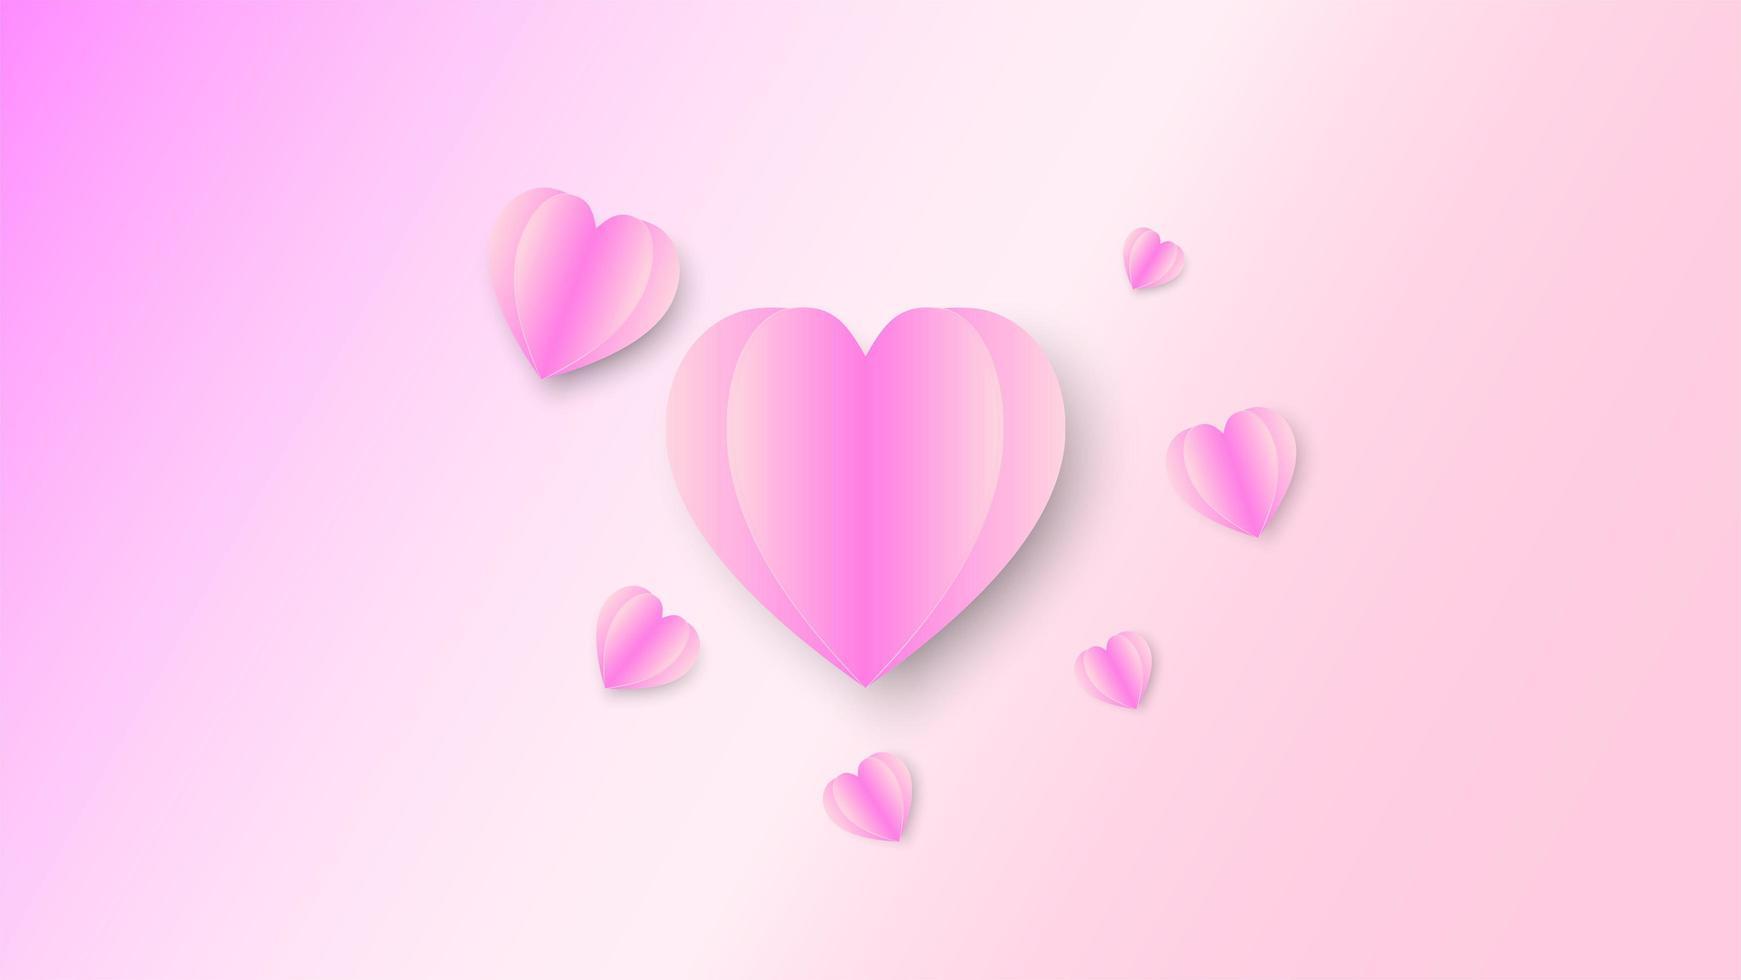 résumé de coeur rose vecteur